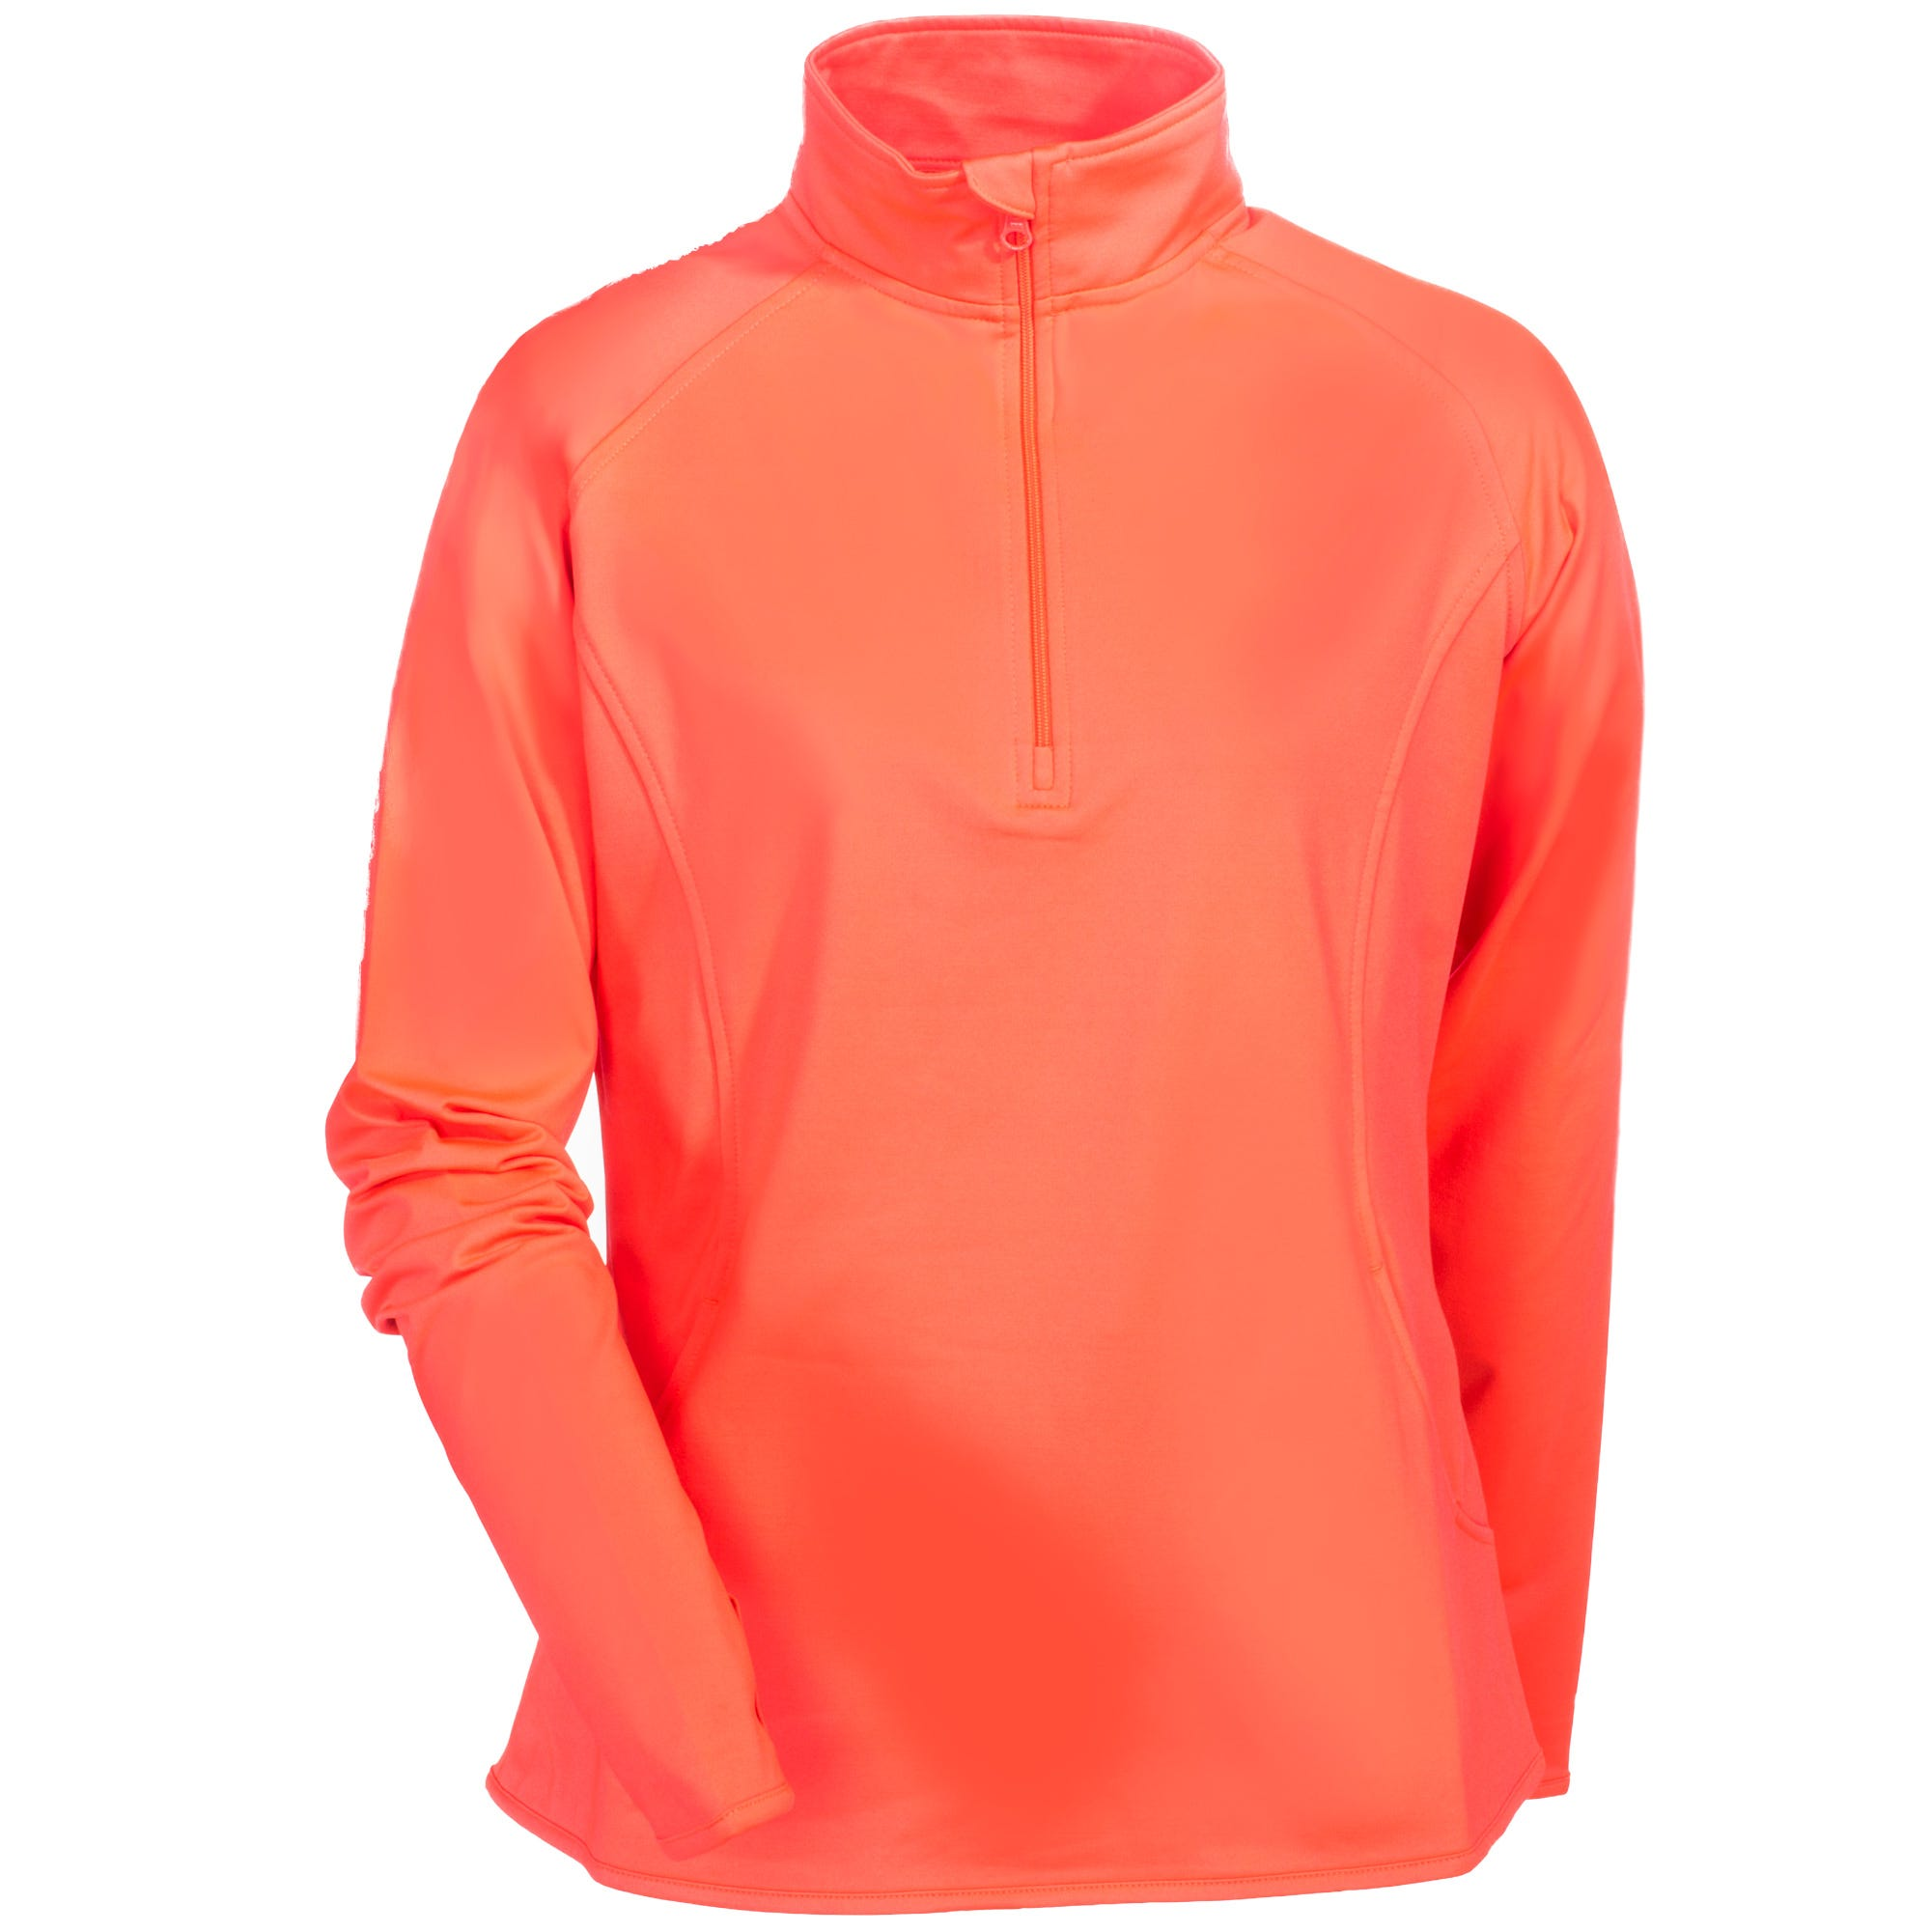 Sport-Tek Women's LST850 HTC Sport-Wick Hot Coral 1/2 Zip Pullover Sweatshirt